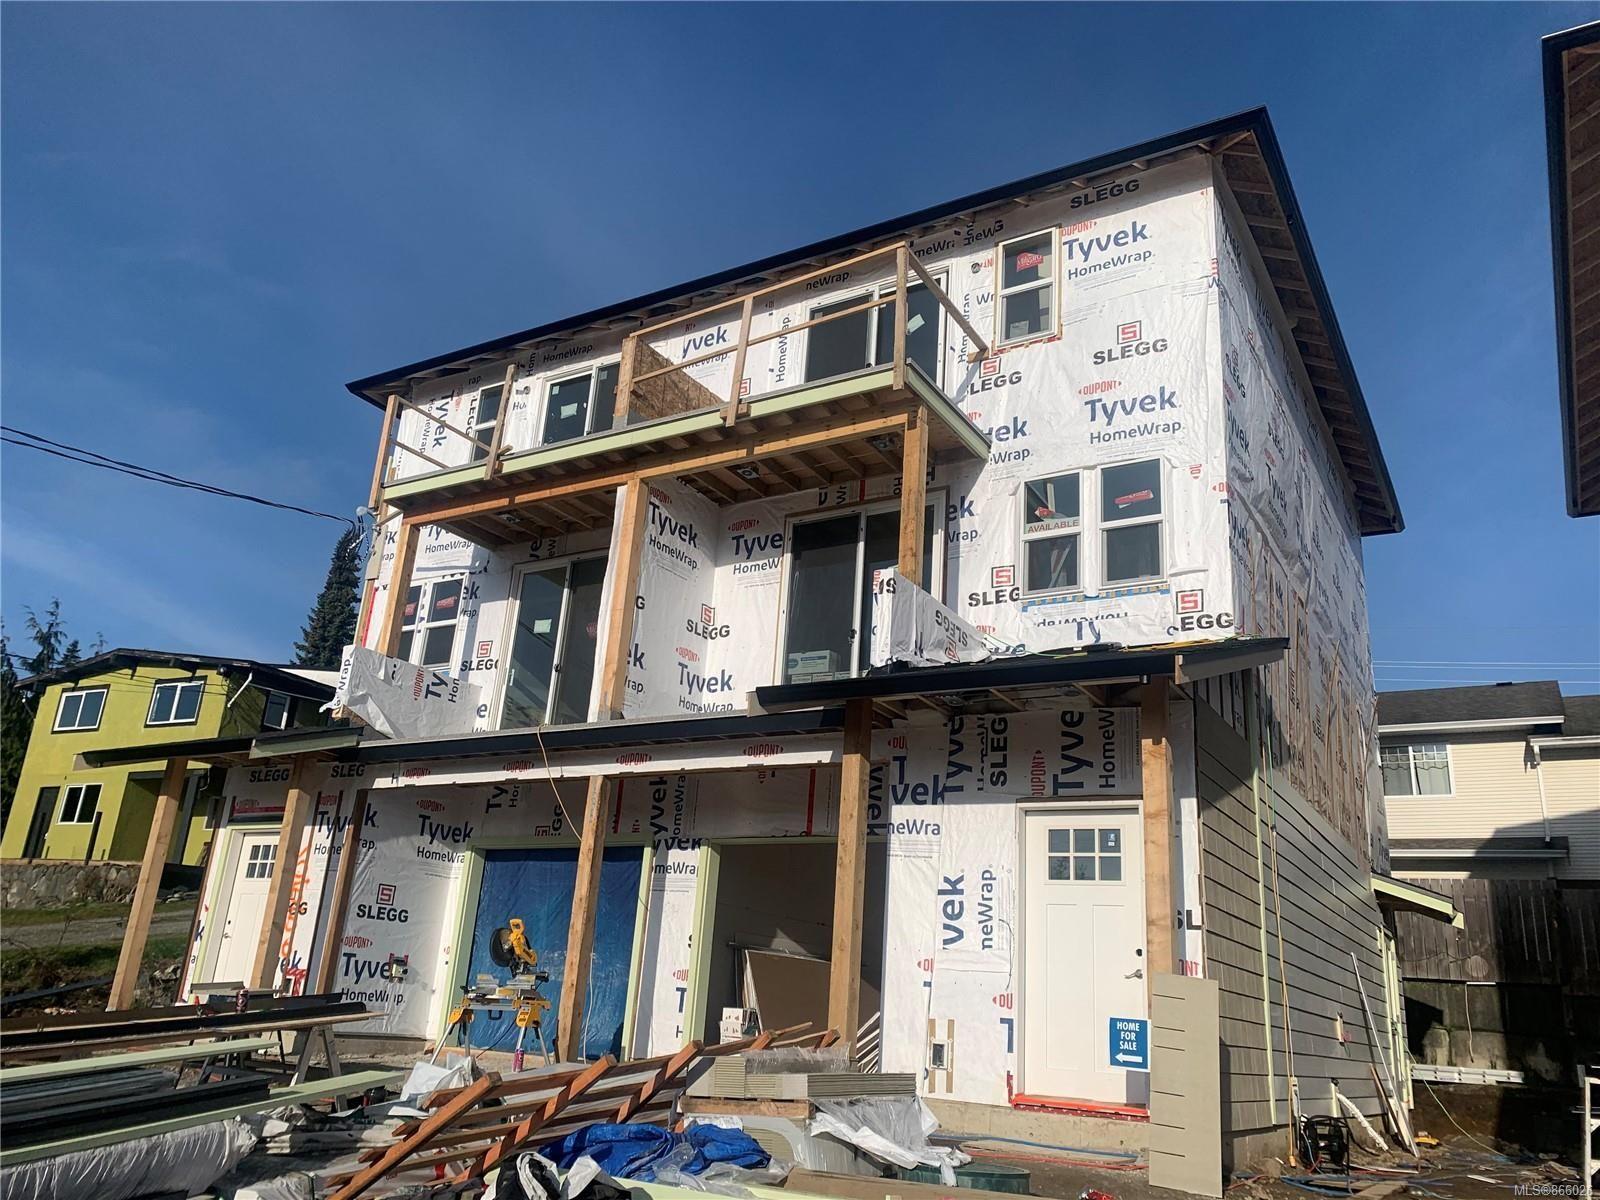 Main Photo: 6556 Lanark Rd in : Sk Sooke Vill Core Half Duplex for sale (Sooke)  : MLS®# 866026